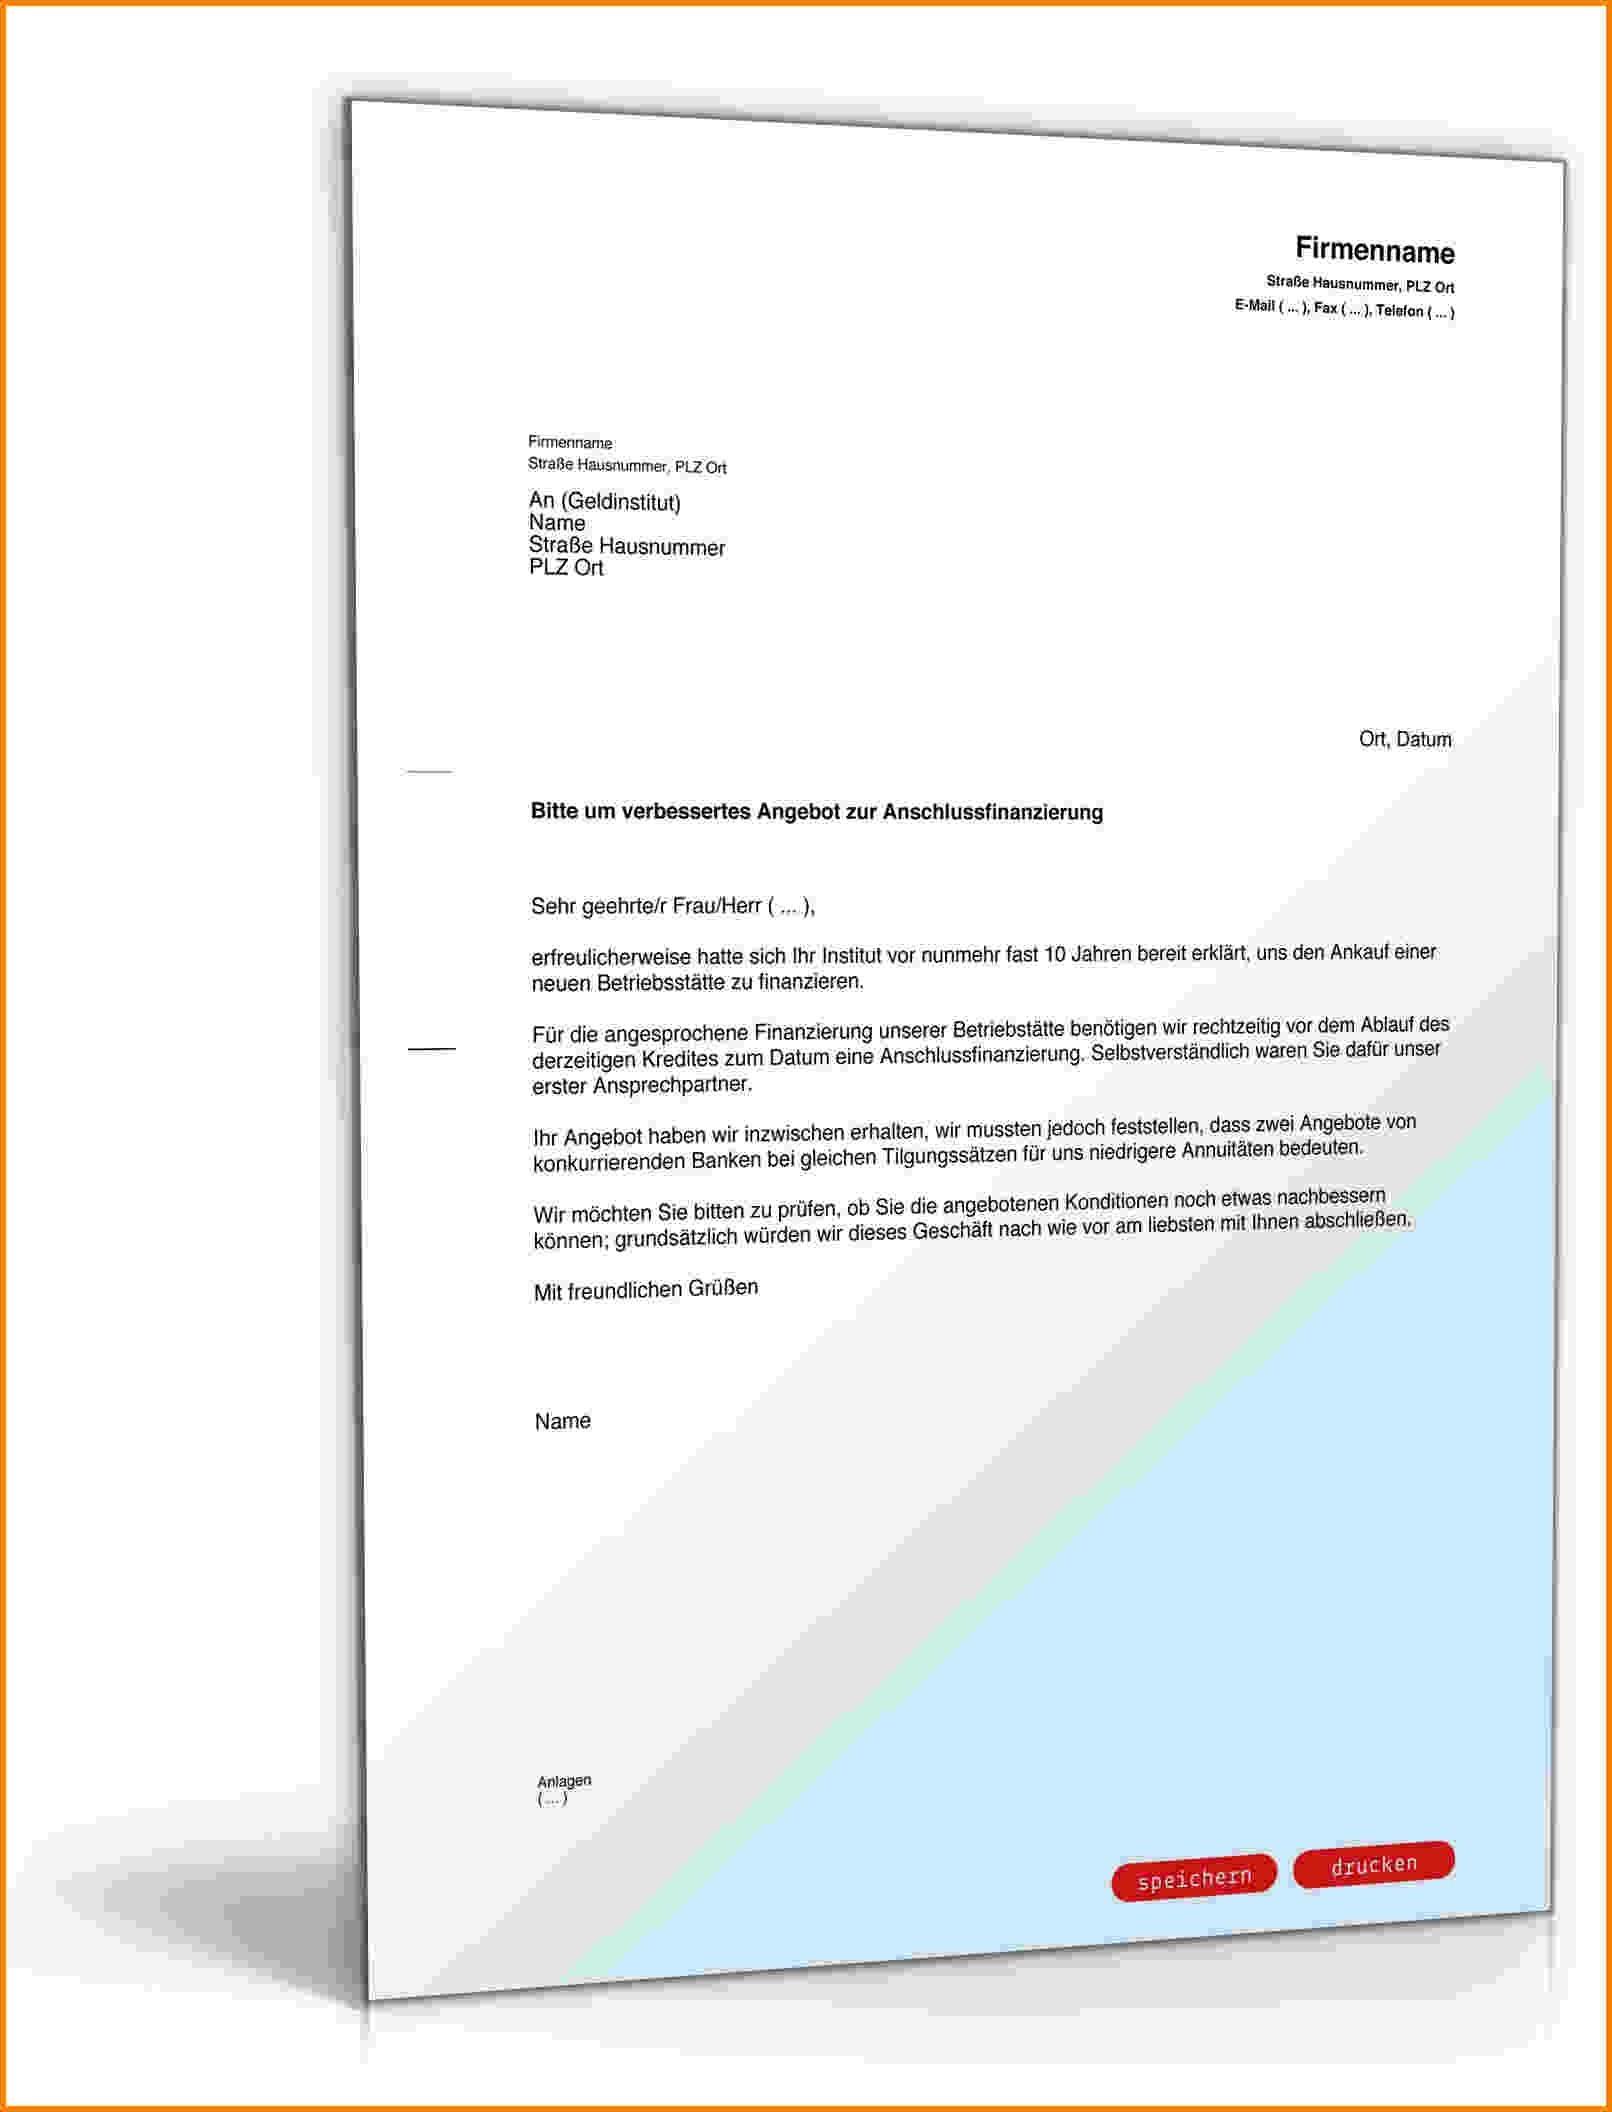 Kalender 2019 Excel Bayern Más Arriba-a-fecha Absender Adressat Anschreiben 2018 08 Of Kalender 2019 Excel Bayern Recientes Sage 2550 Manual Ebook